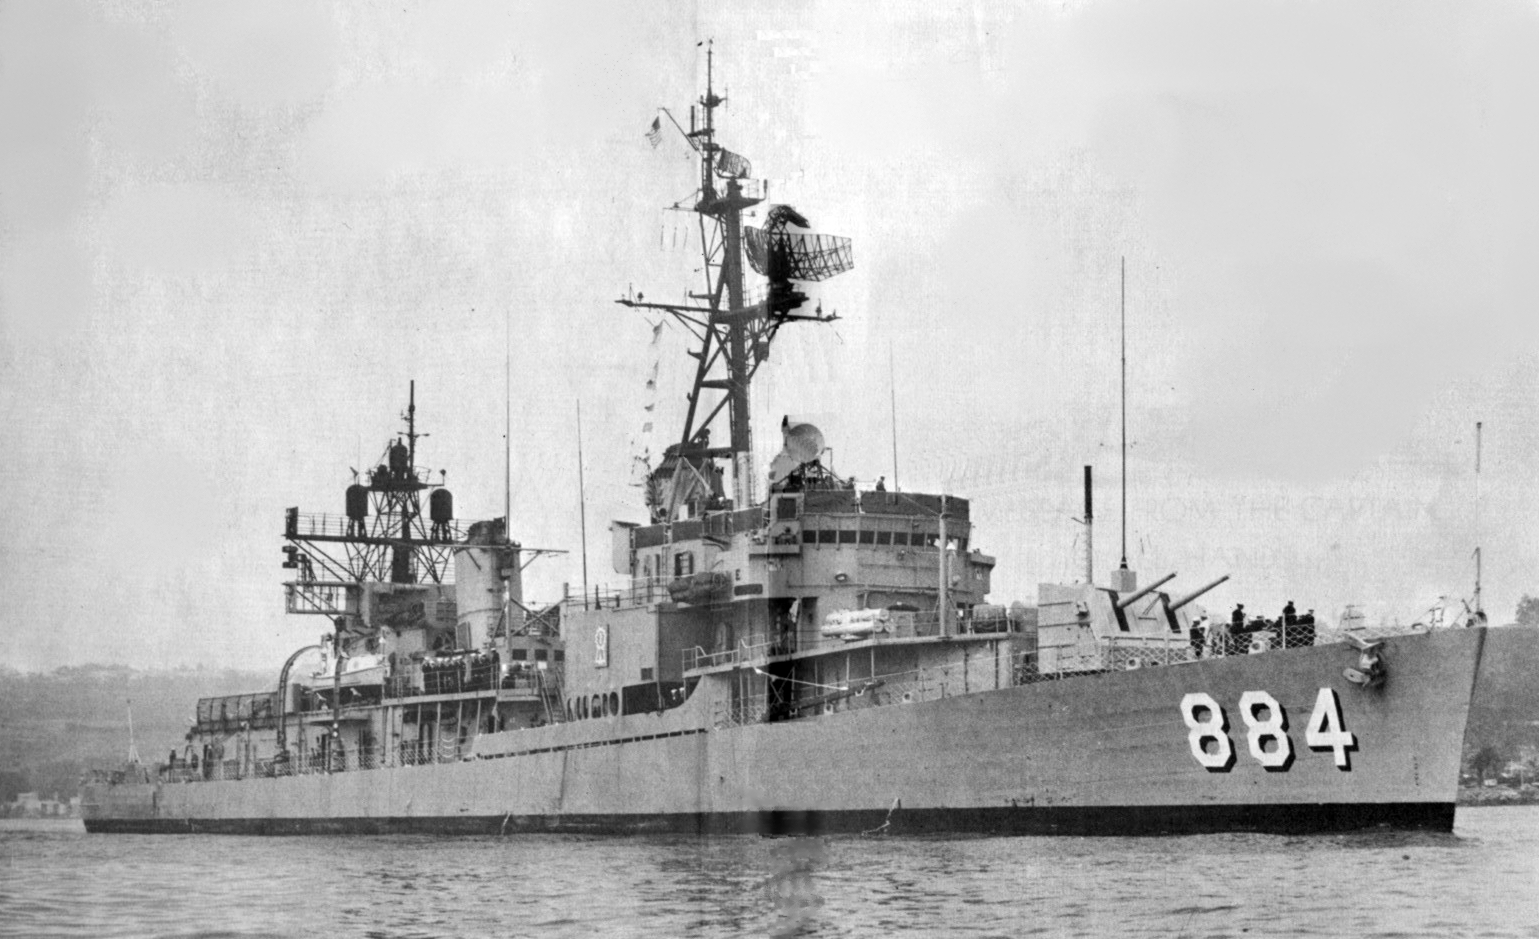 File:USS Floyd B. Parks (DD-884) in 1969.jpg